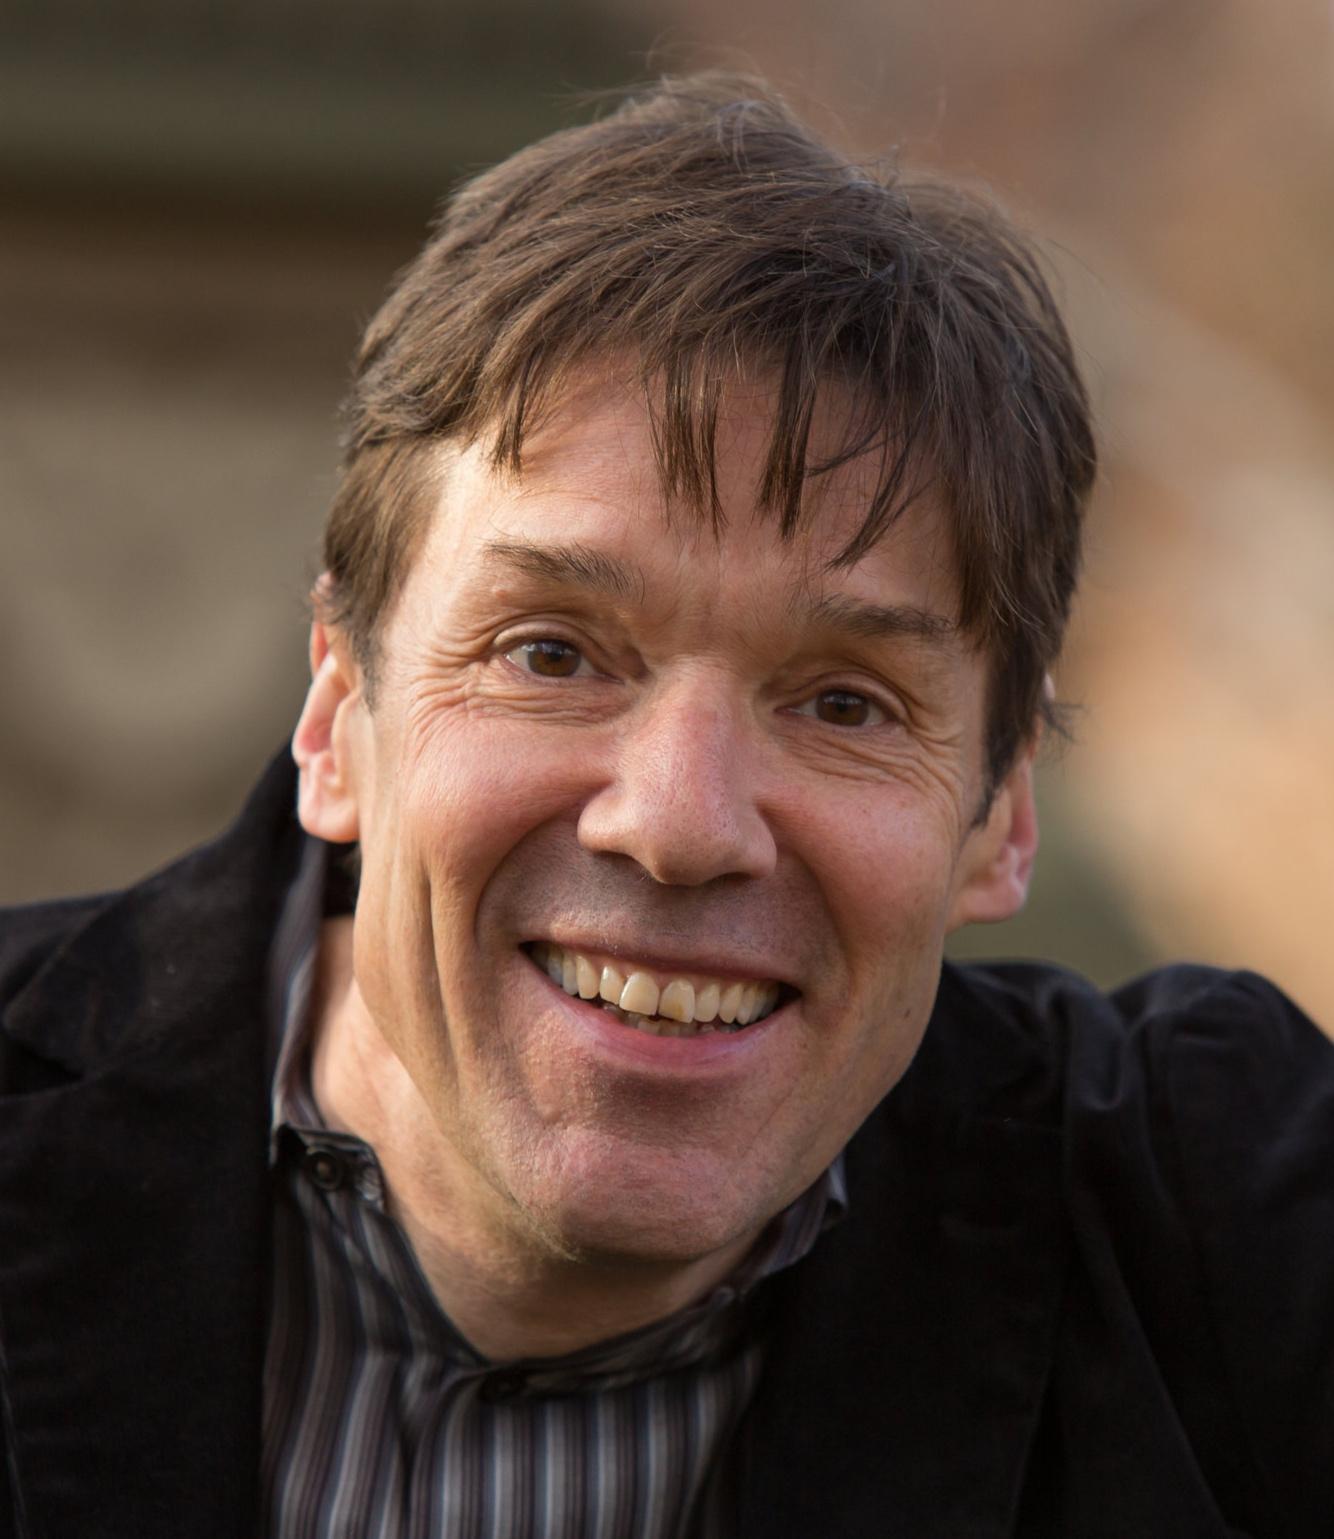 John_leland_author_photo_smiling.jpg